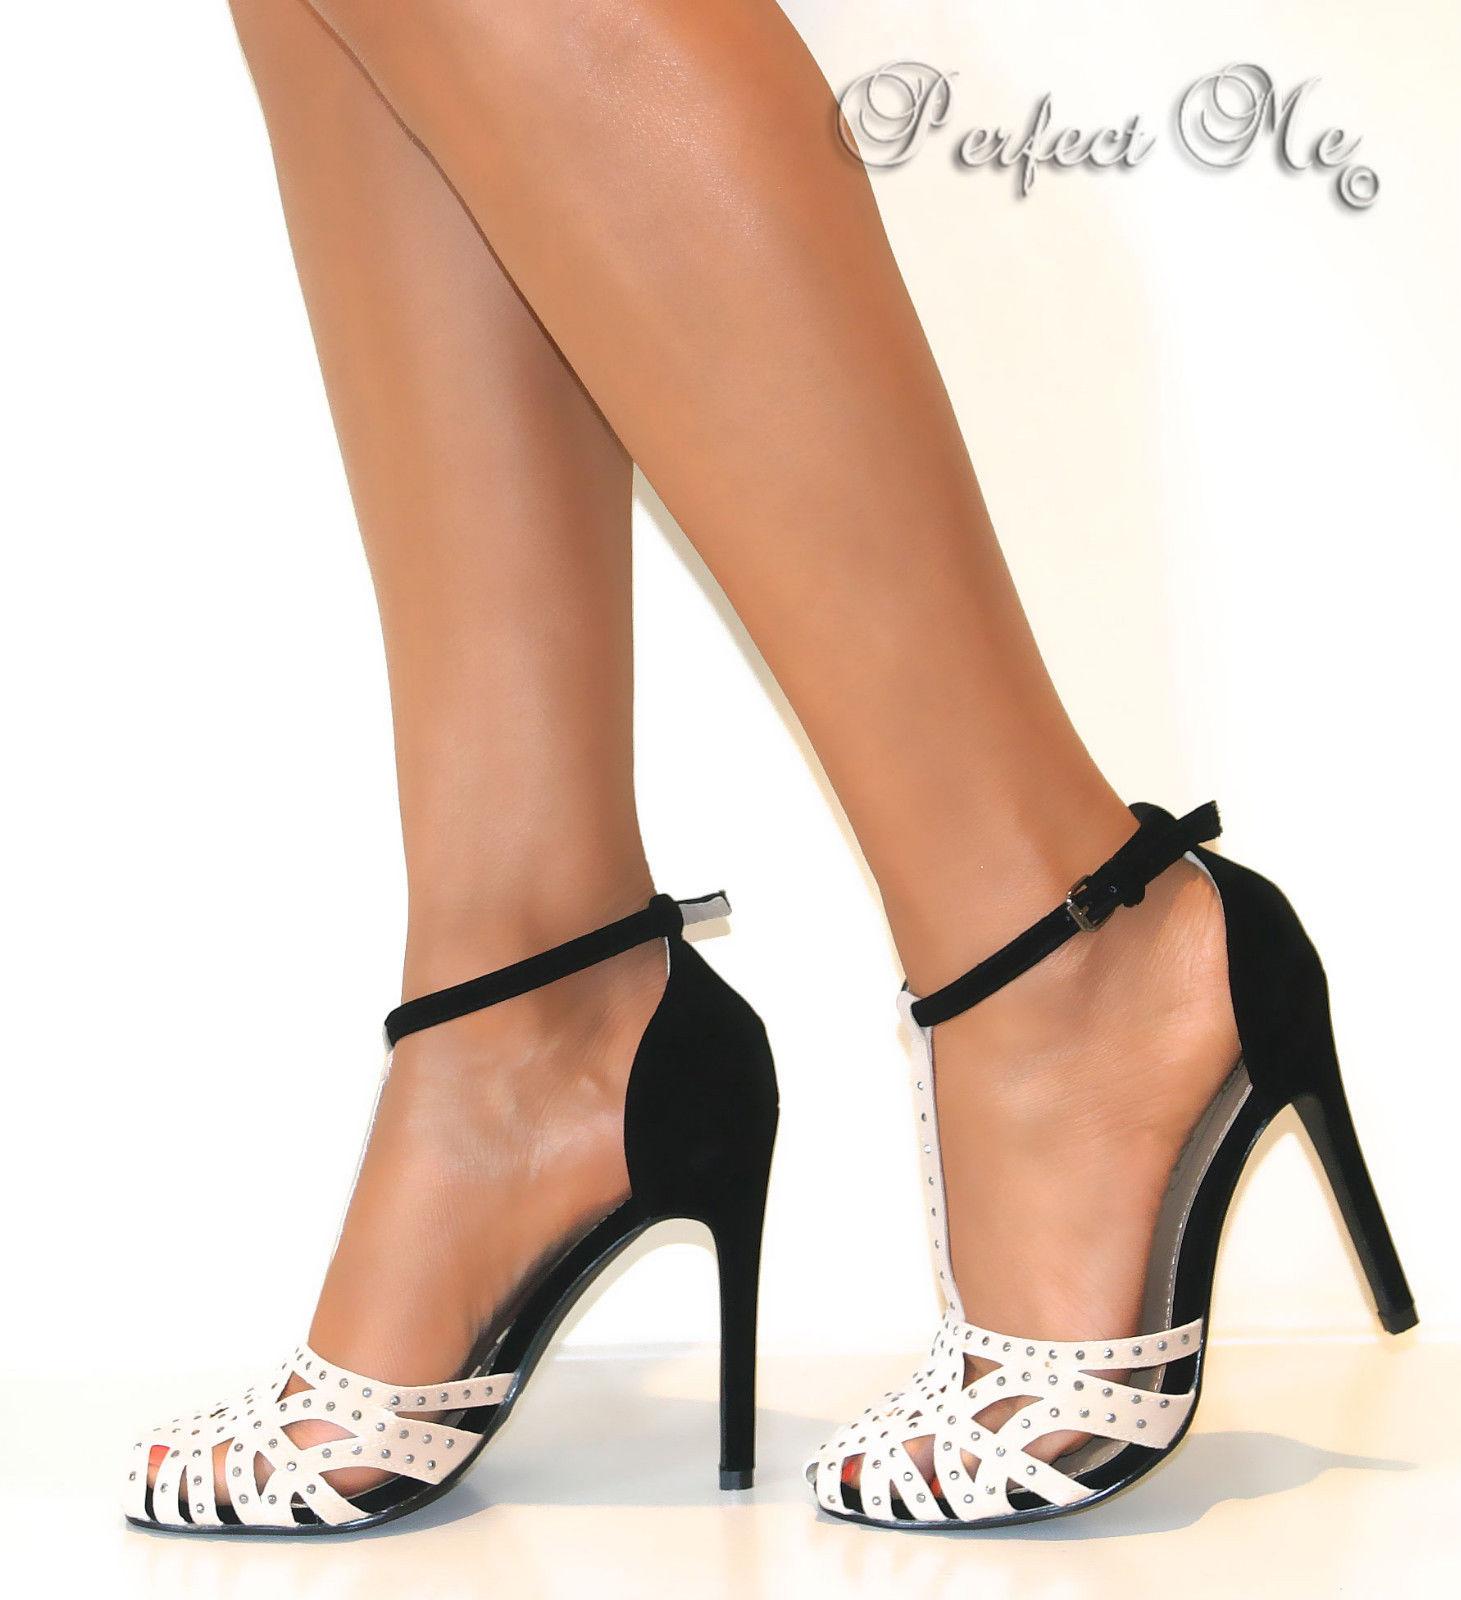 Carvela black strap heels size 41 - 1 part 1